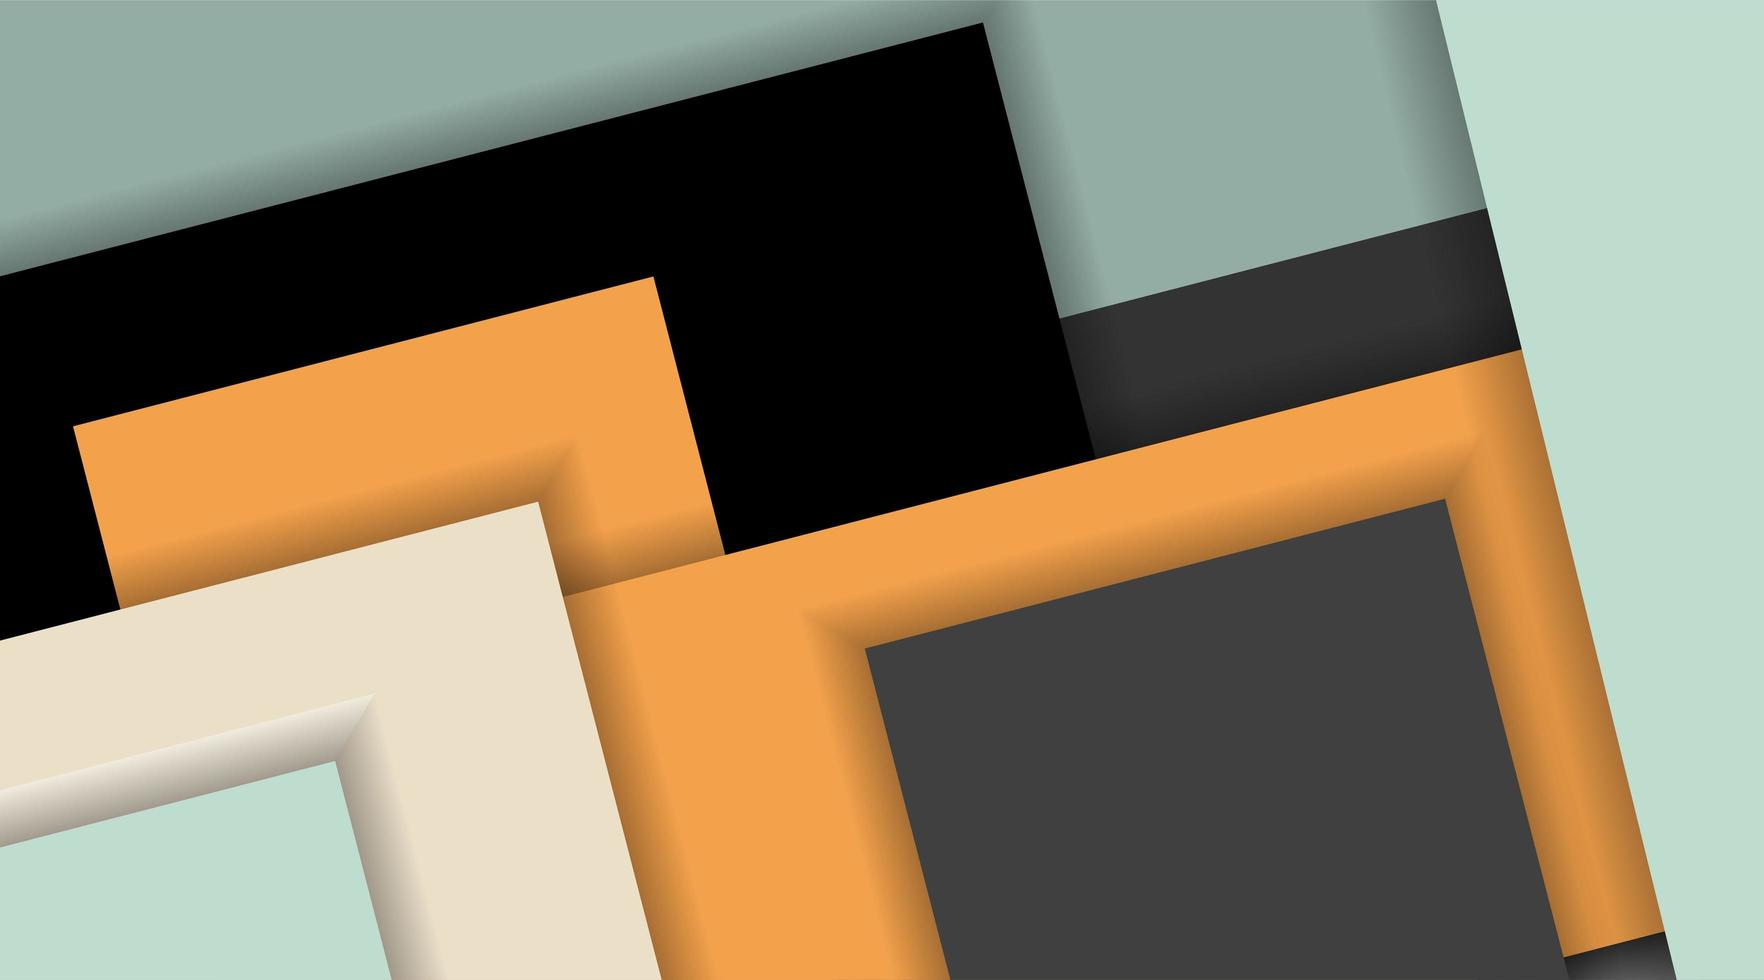 geometrische Formen des abstrakten Entwurfsmusters des Vektorhintergrunds. vektor